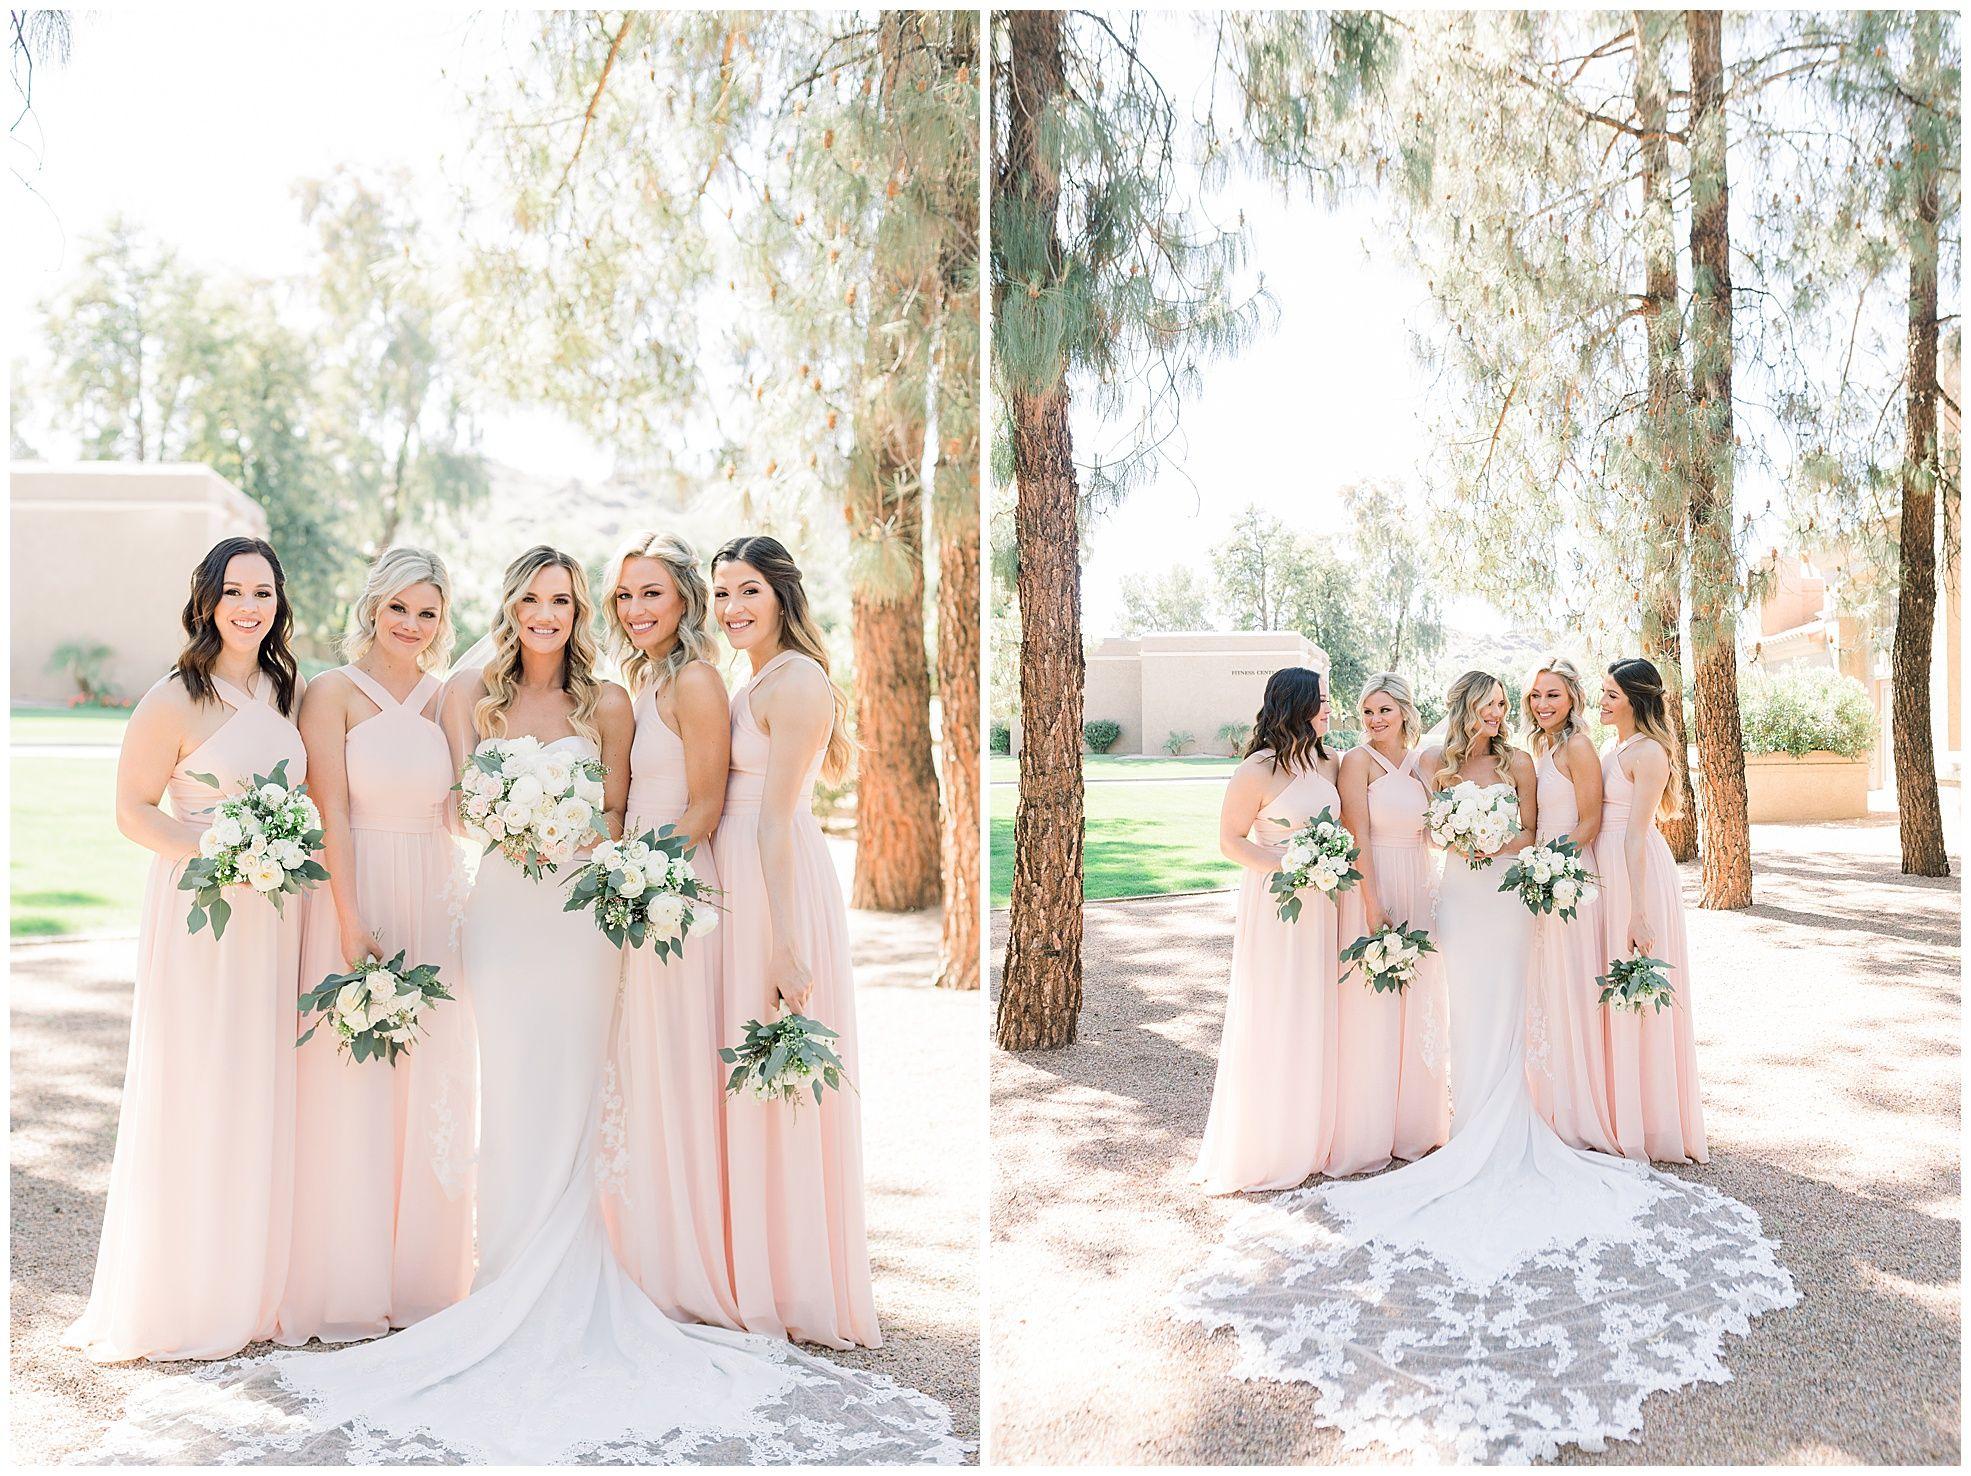 The Scottsdale Plaza Resort Wedding Resort Wedding Wedding Groom Crying